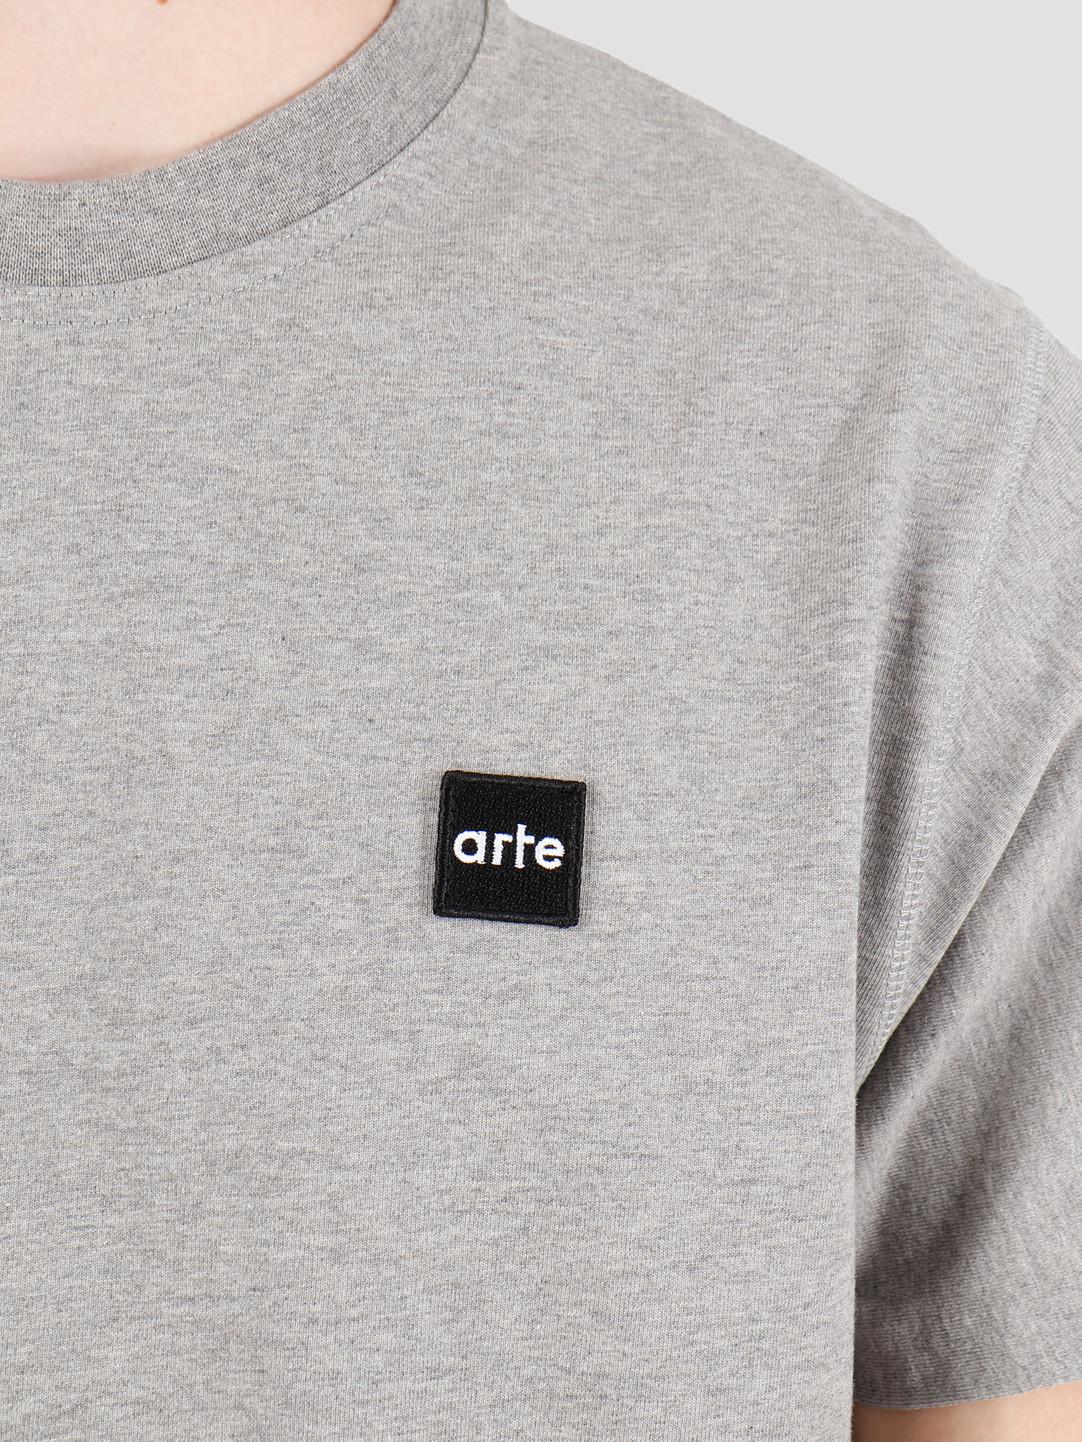 Arte Antwerp Arte Antwerp Tyler Patch T-Shirt Grey AW19-073